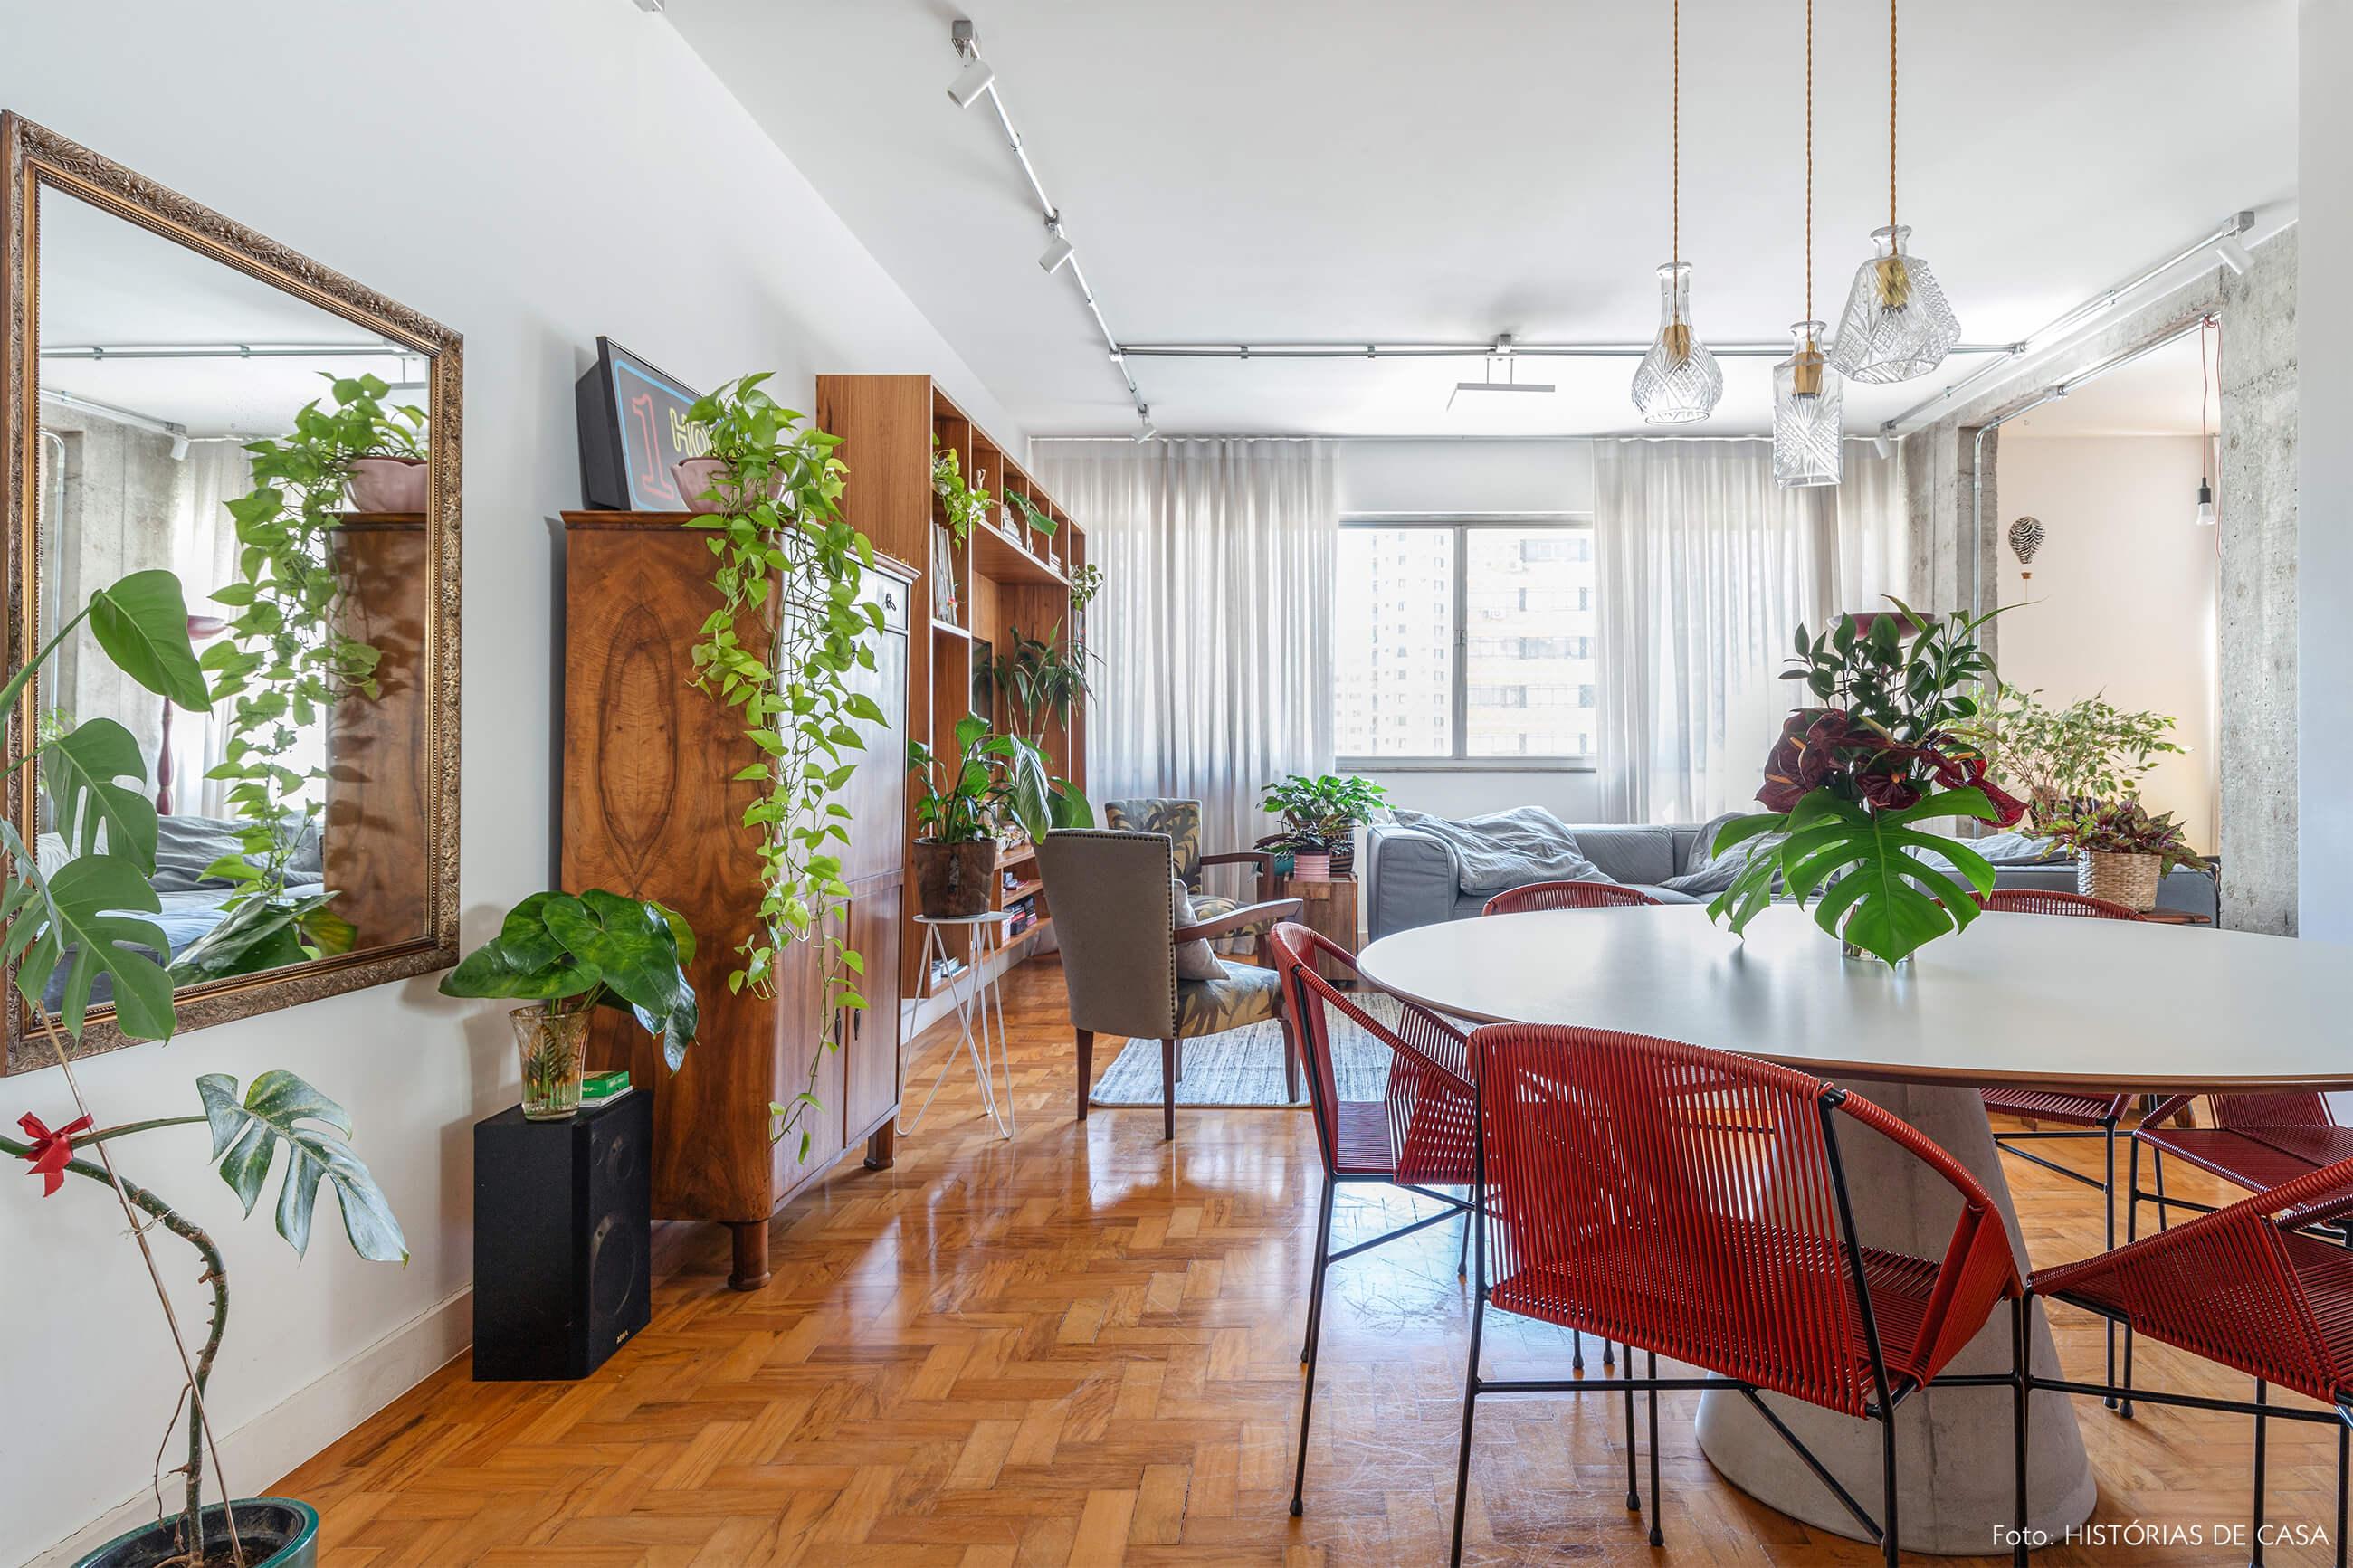 Ap Sala chão madeira e plantas